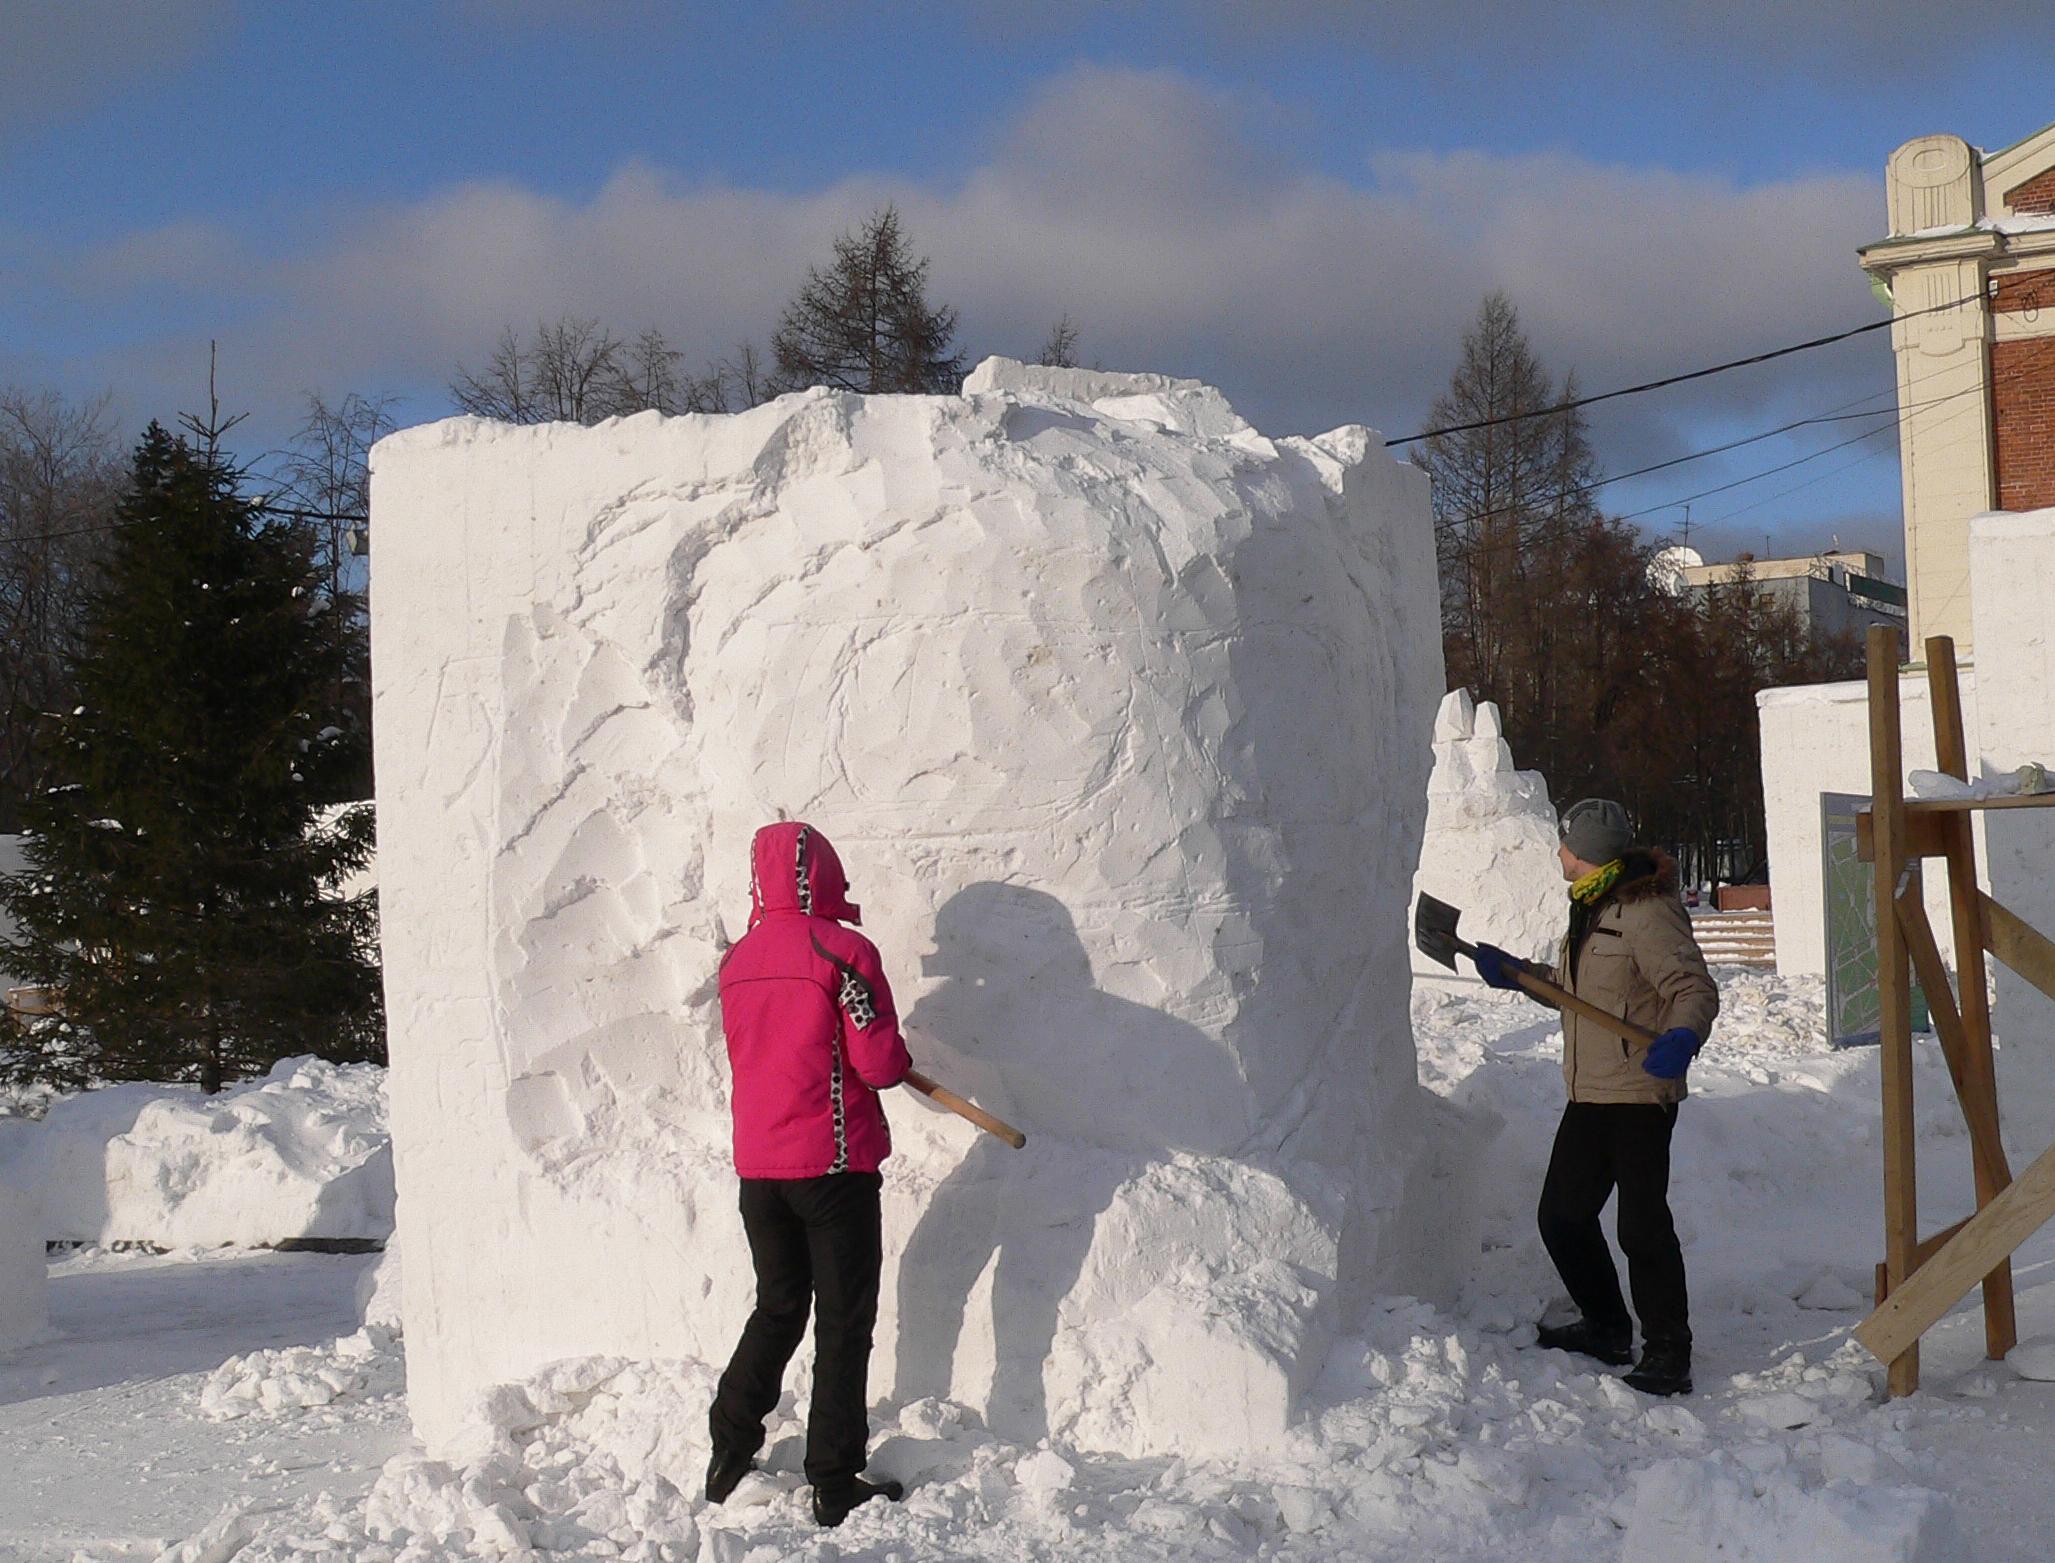 Фестиваль-снежных-скульптур-Новосибирск-2014-подготовка